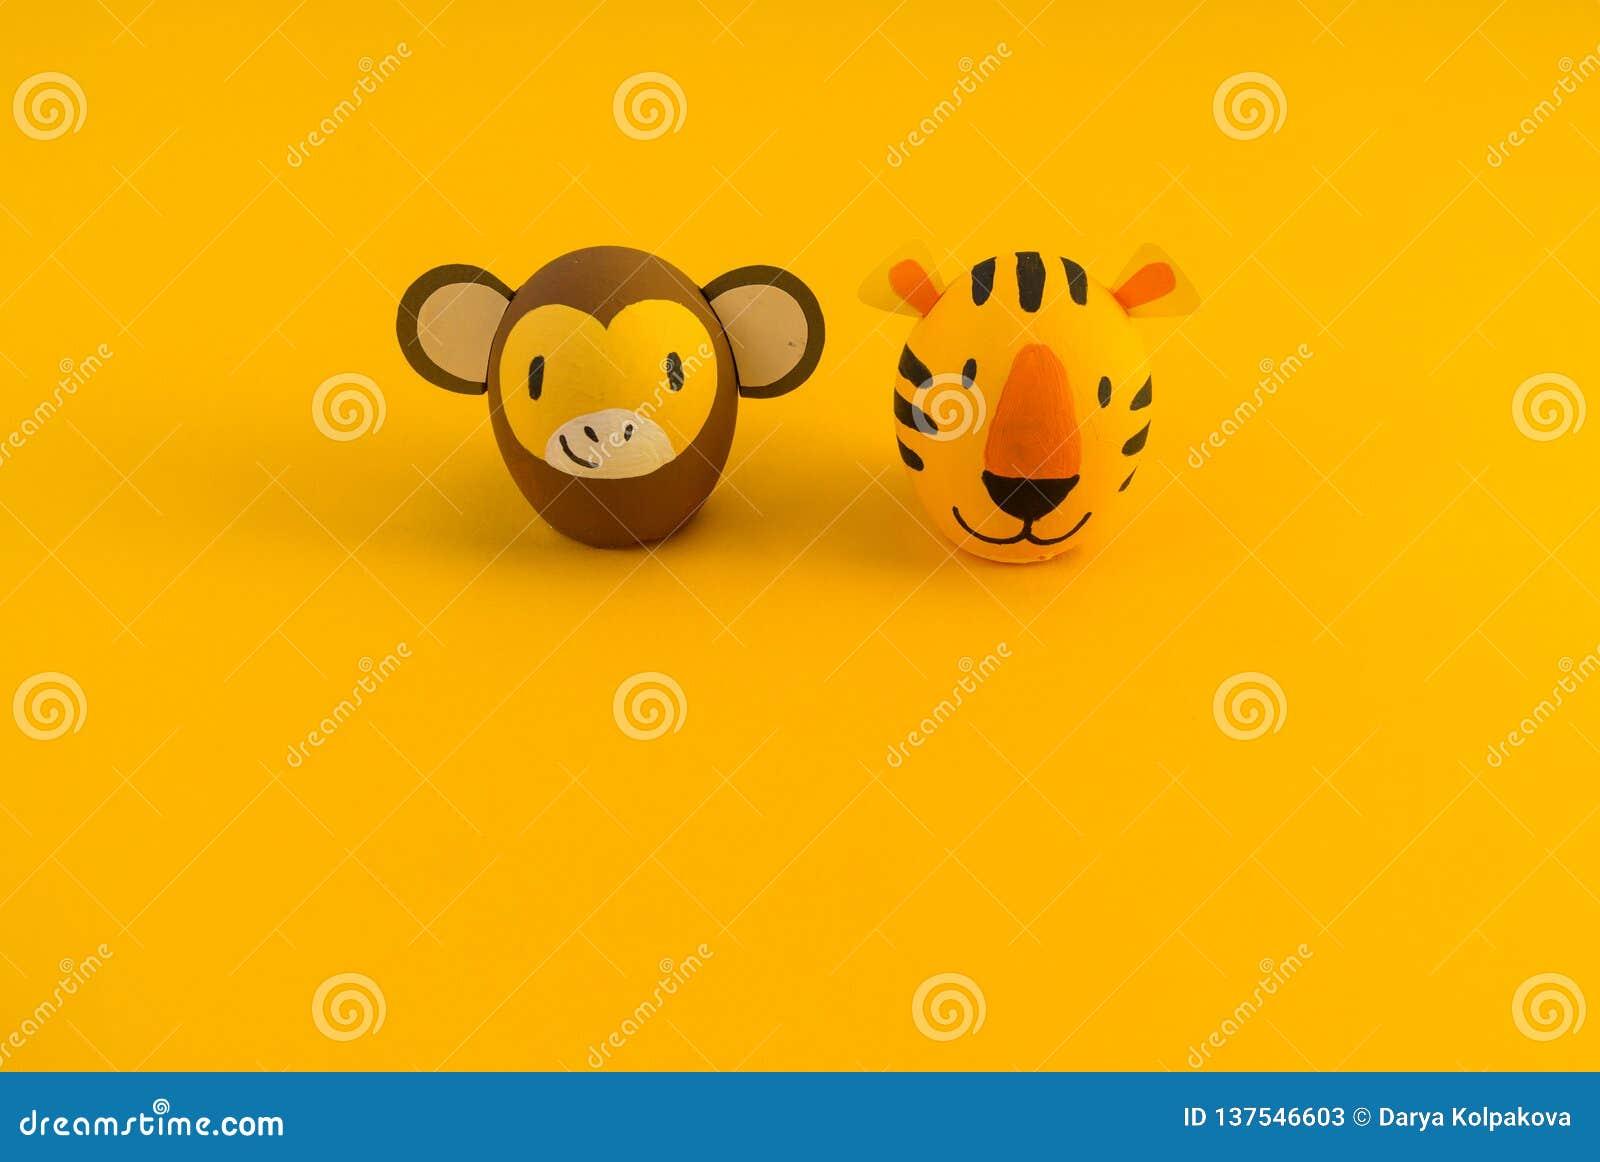 Concepto del día de fiesta de Pascua con los huevos hechos a mano lindos: tigre y mono anaranjados